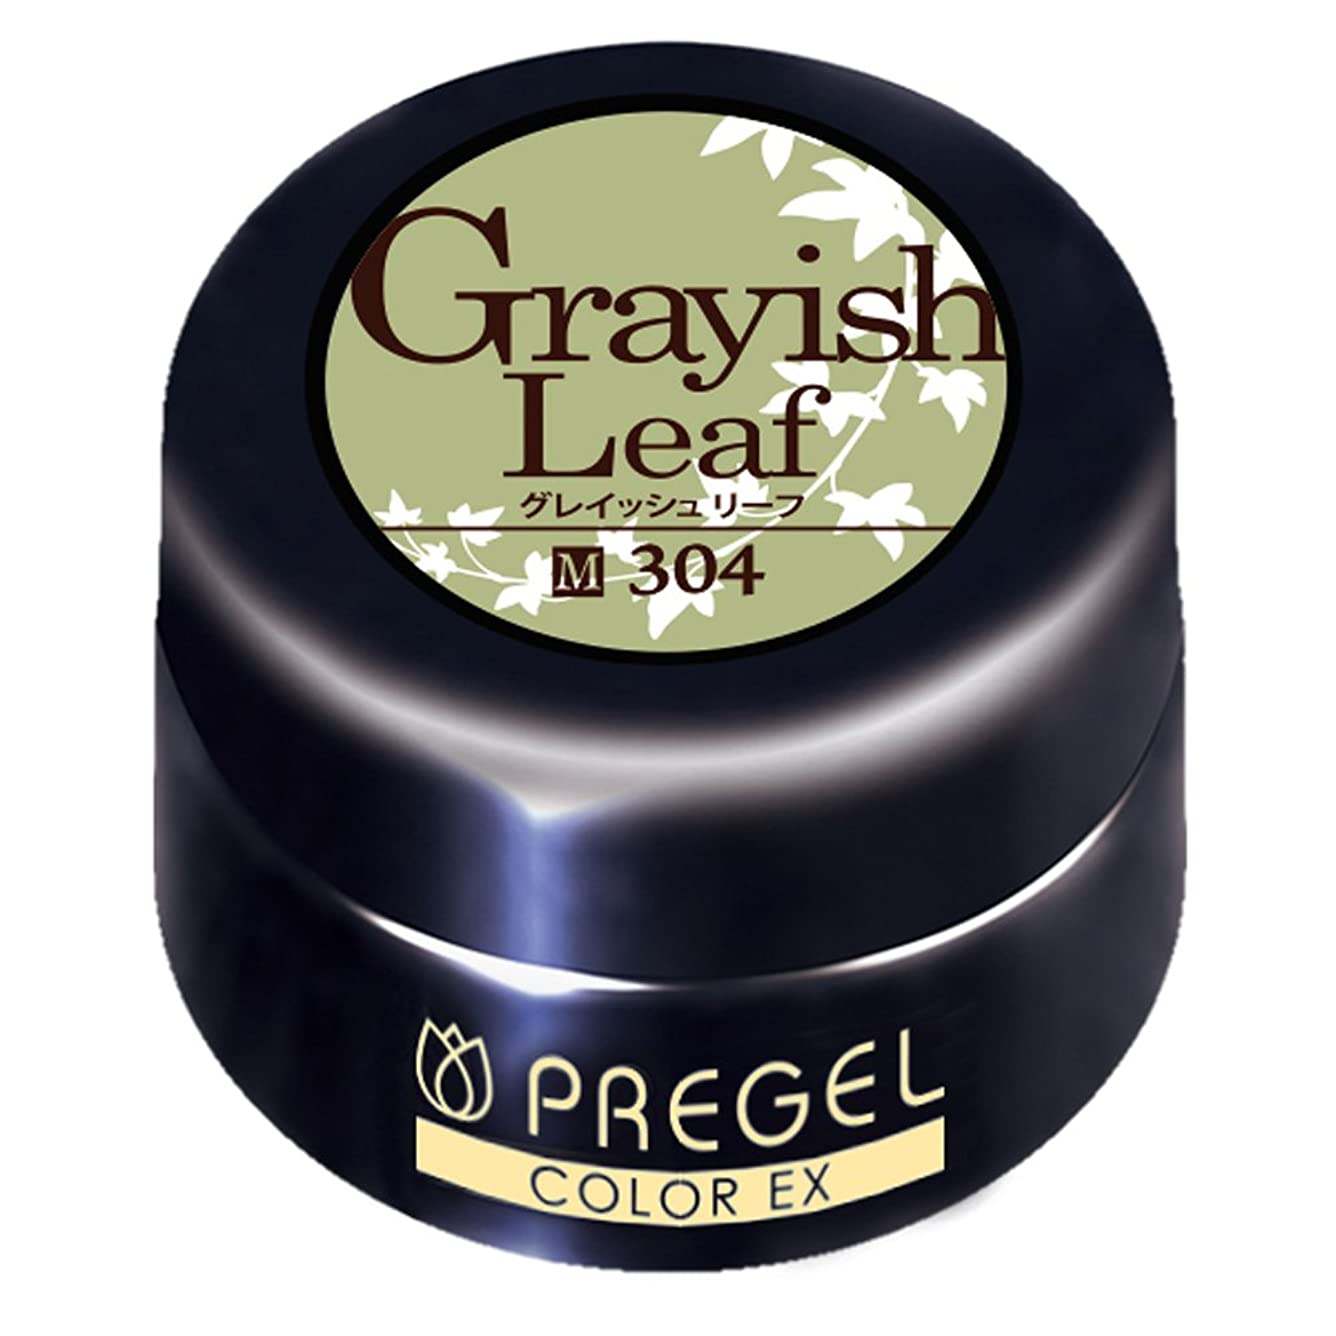 まっすぐ寝室を掃除する進化するプリジェル ジェルネイル カラーEX グレイッシュリーフ 4g PG-CE304